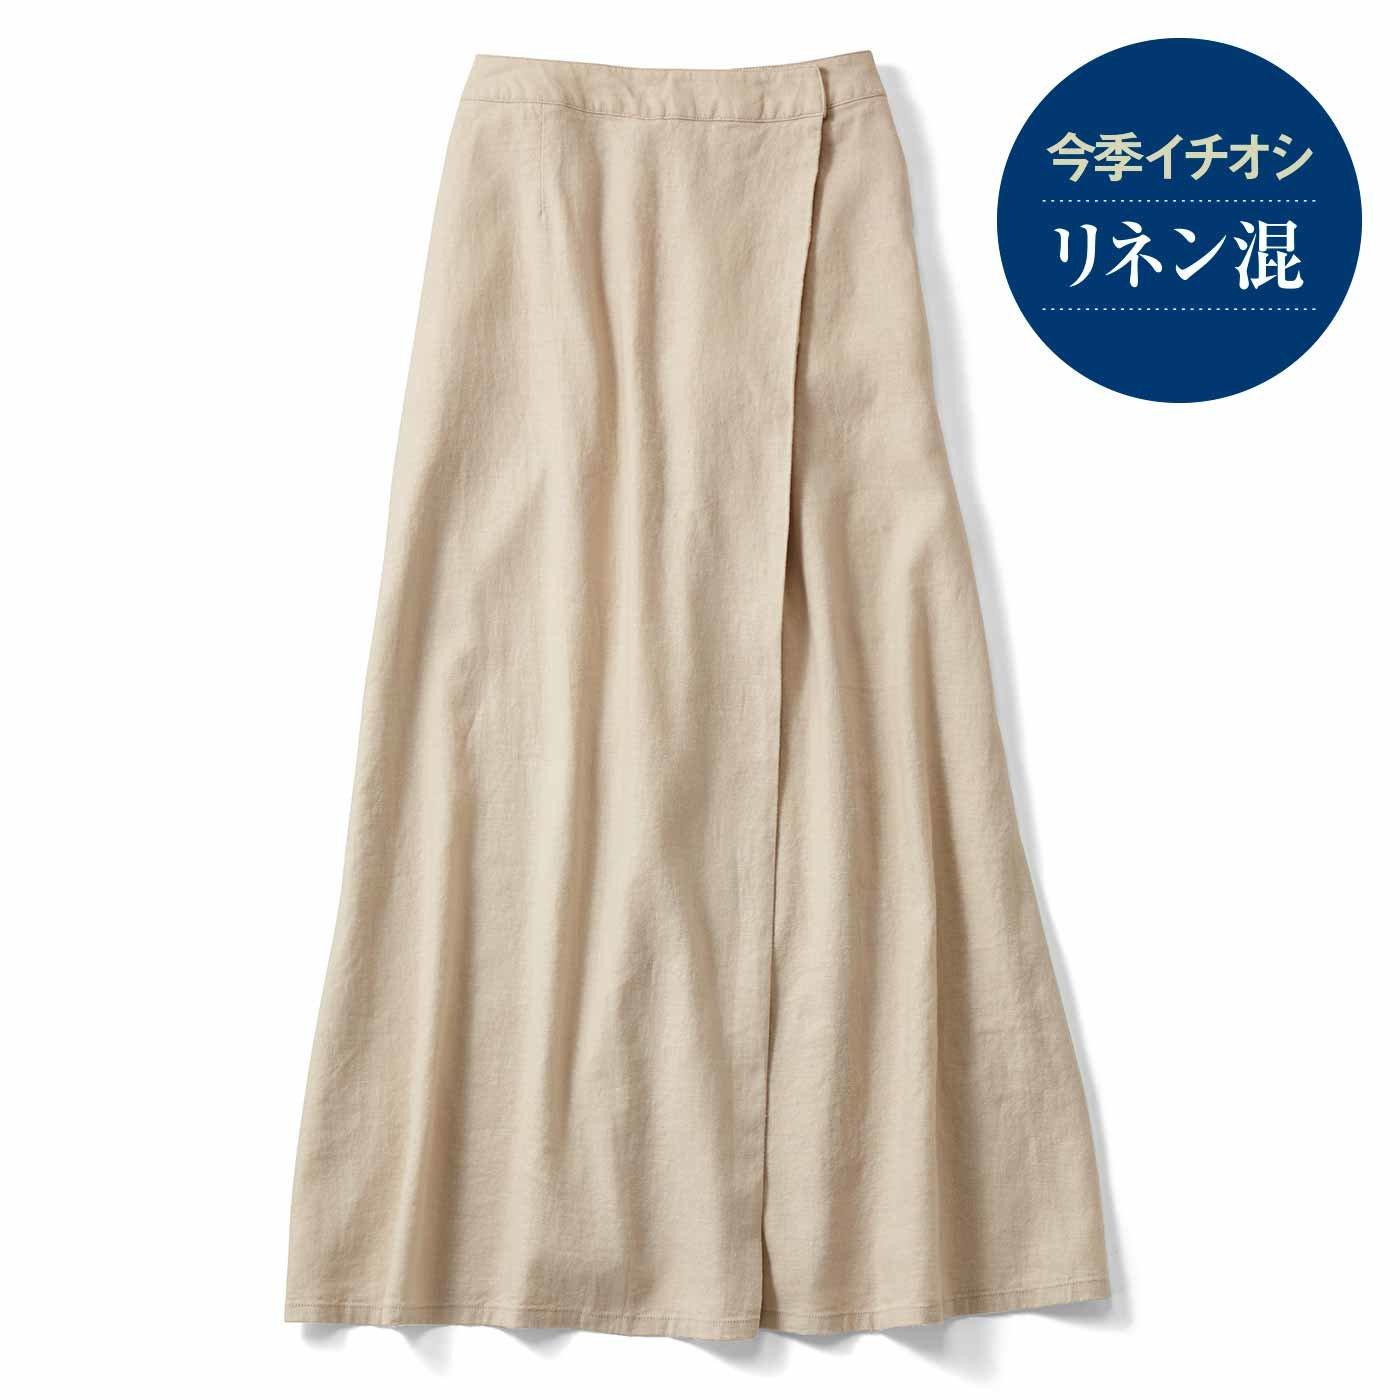 IEDIT[イディット] リネン混素材で上質にこなれる すっきりシルエットのラップ風Aラインロングスカート〈ベージュ〉